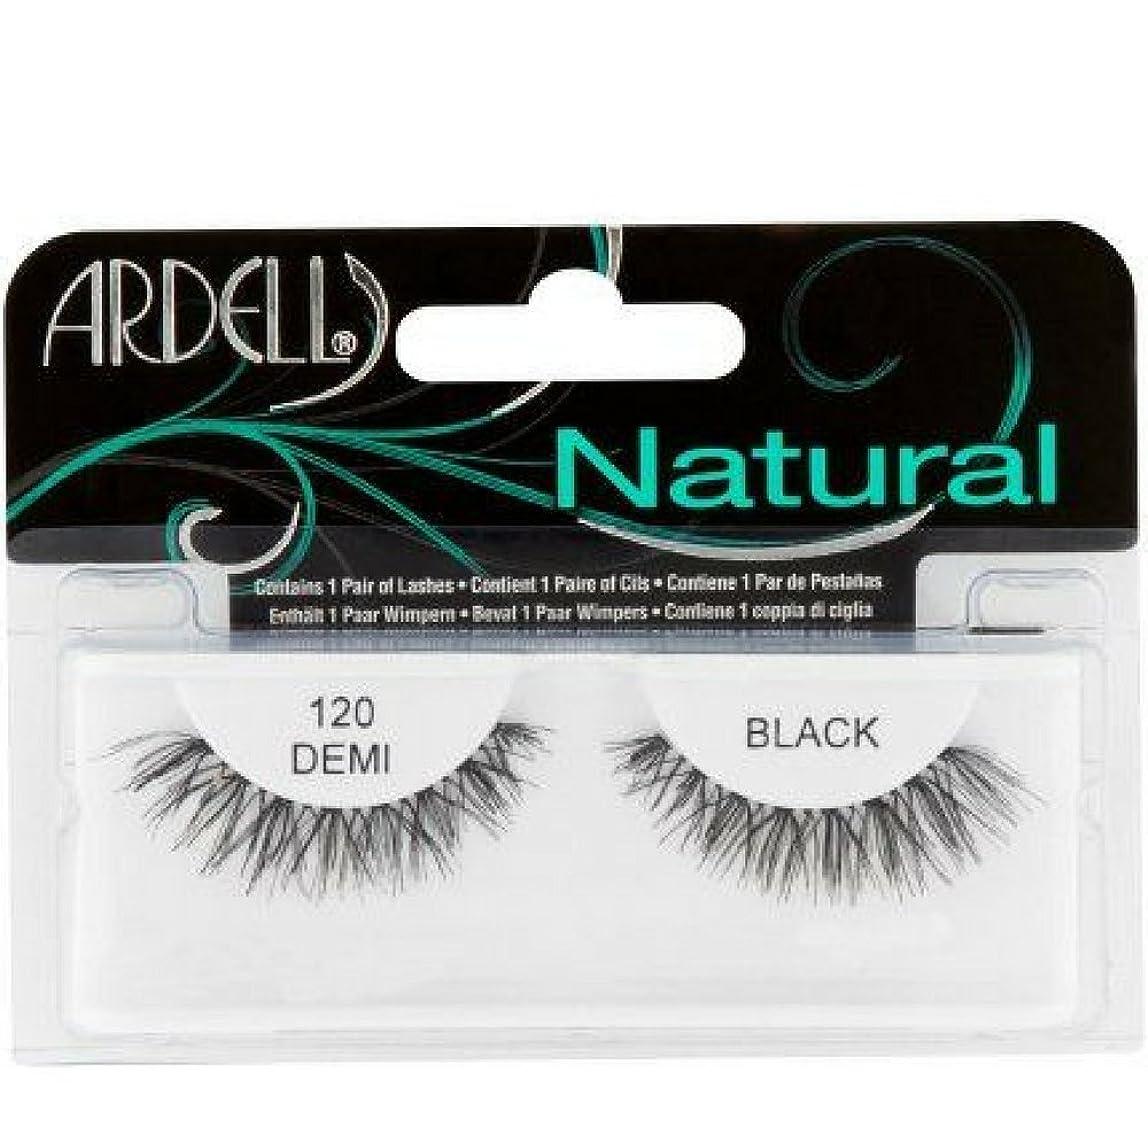 先入観ペダル素敵なArdell ファッションまつげ自然ストリップラッシュ、ブラック[120] 1をEA(12パック) 12のパック ブラック